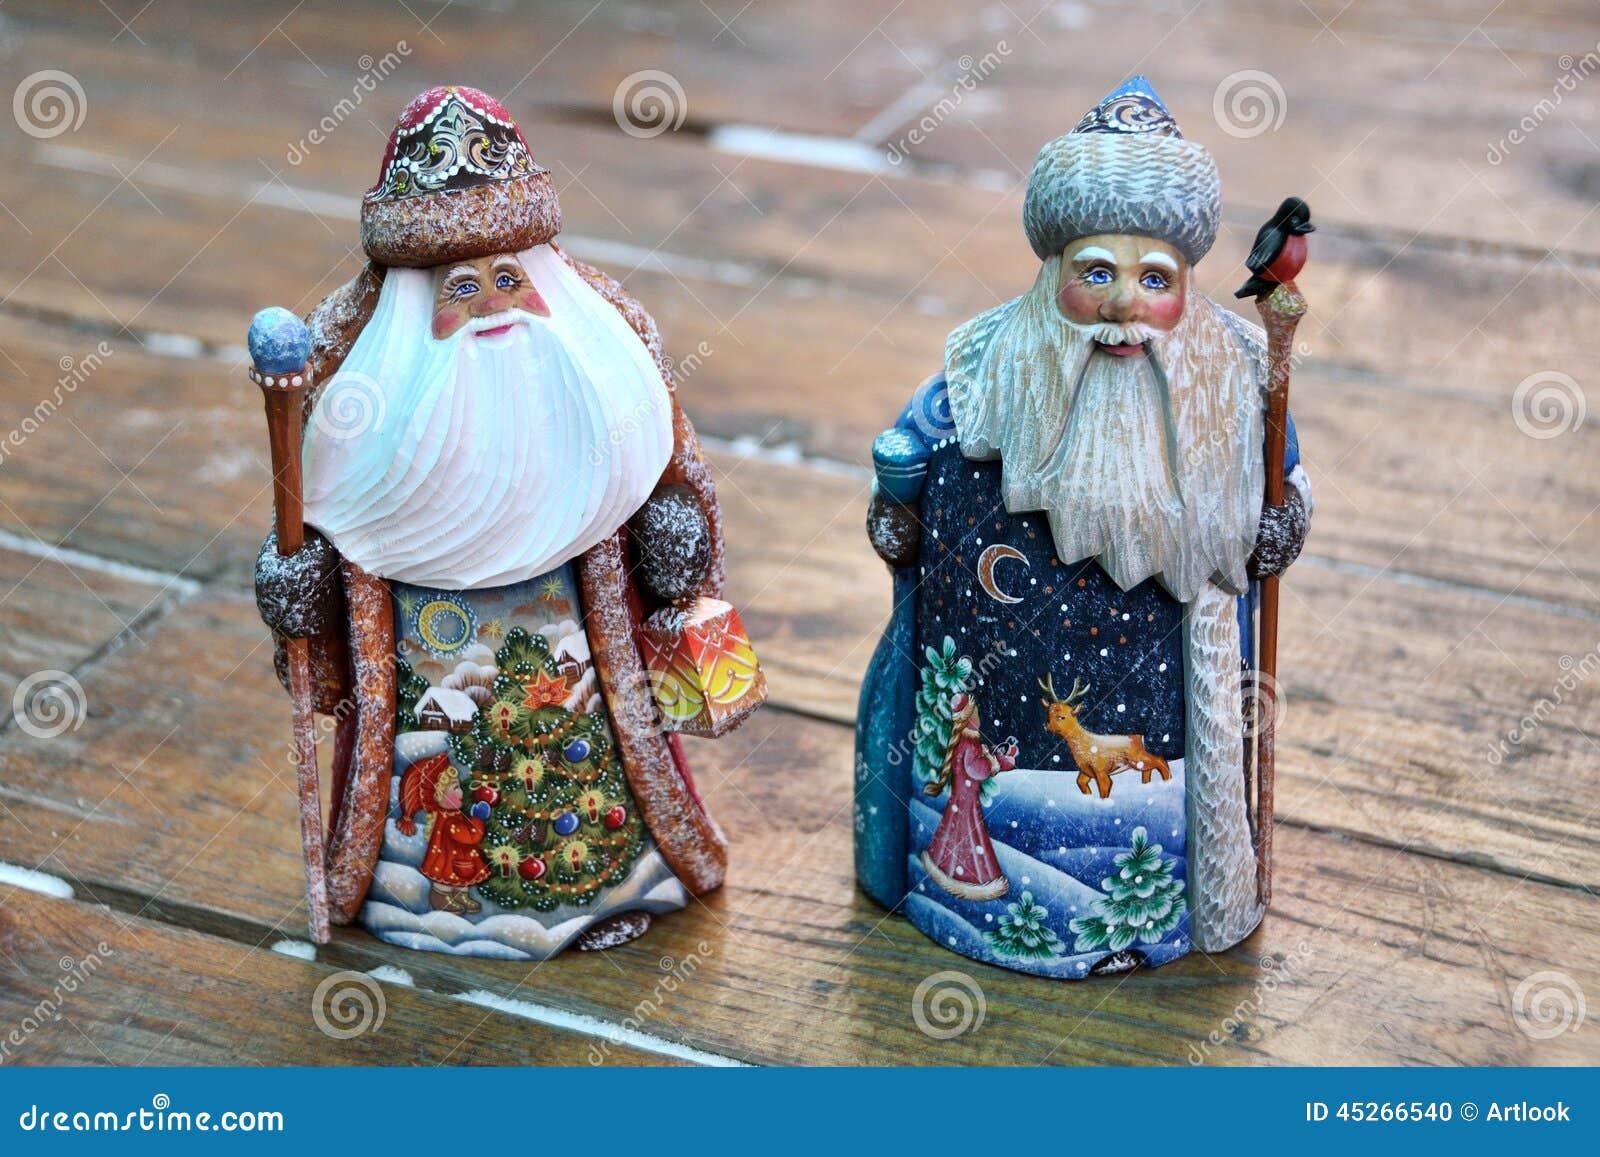 Dos Santas miniatura tallados de la madera - artesanías rusas